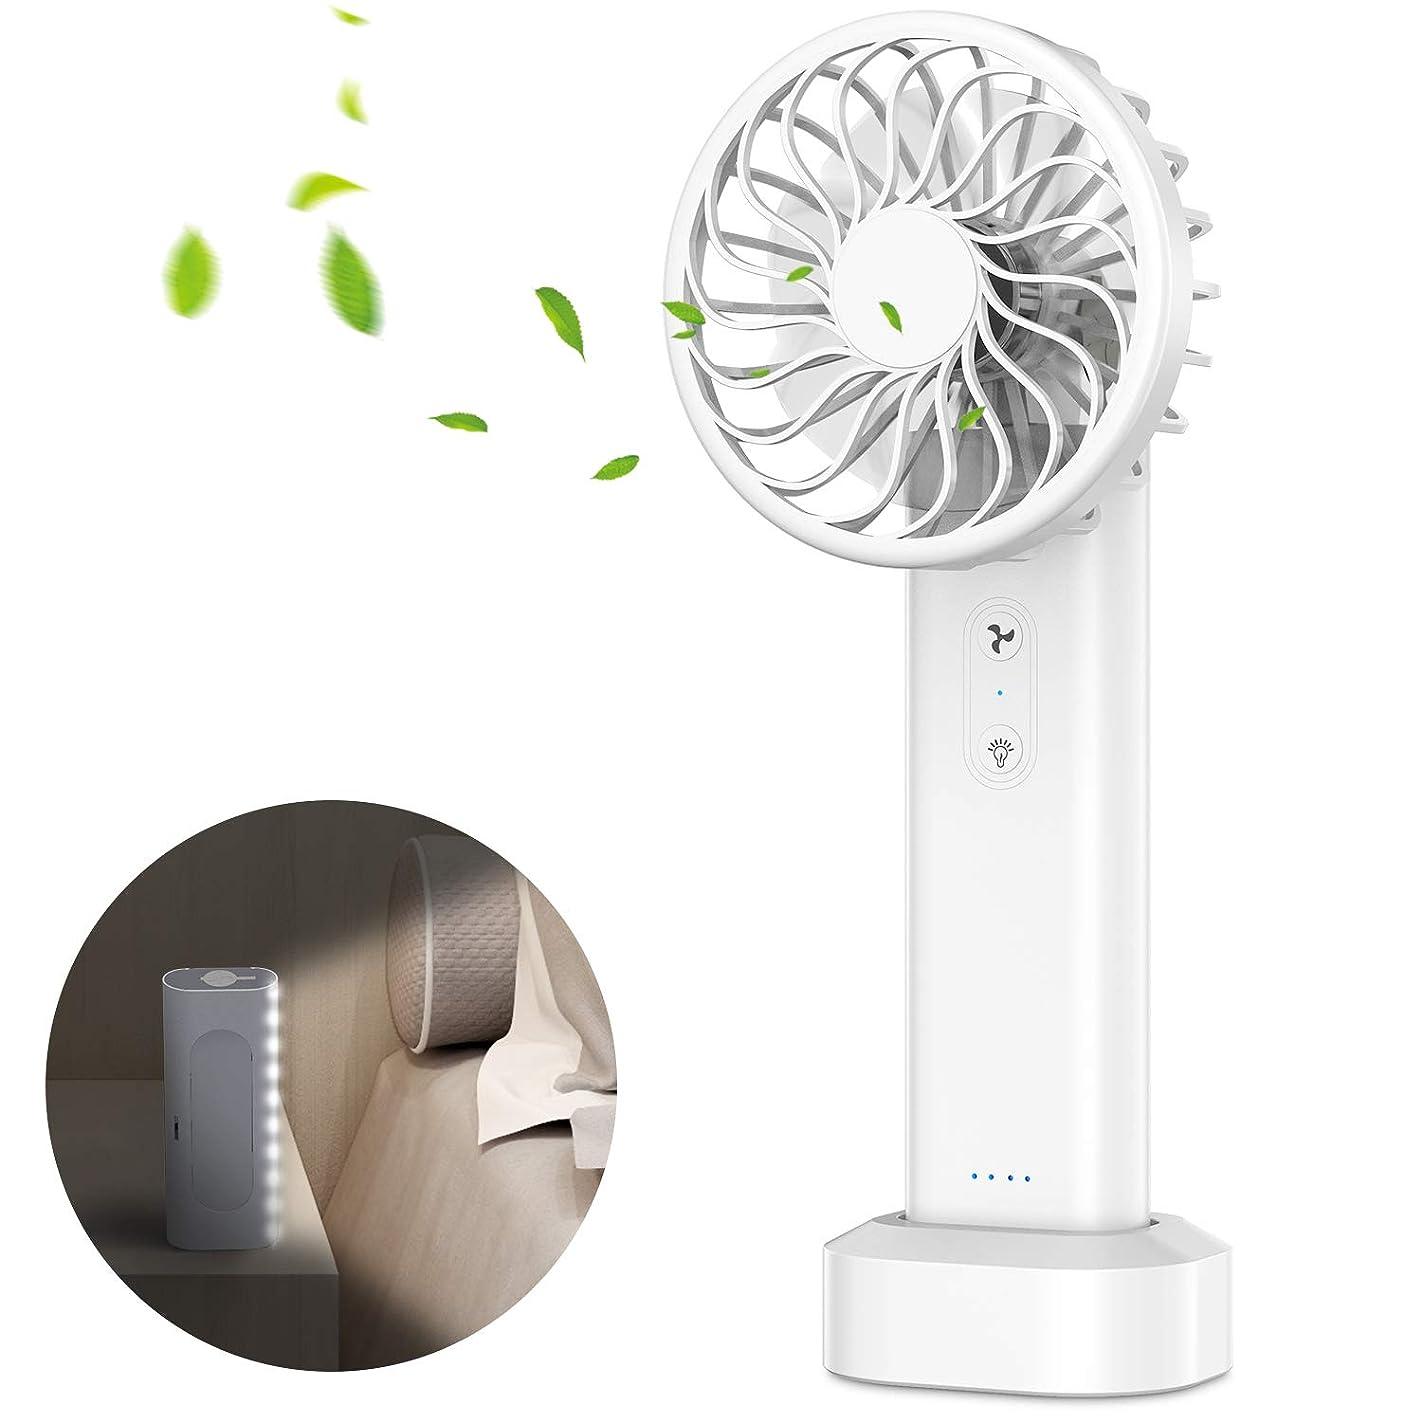 大ラッドヤードキップリング暫定Kitdine 扇風機 手持ち ハンディファン 携帯扇風機 ミニ扇風機 [超強い5in1機能]照明用LEDライト付き懐中電灯/キャンプライトとして使用可能 小型扇風機 usb ファン 充電式 真実の大容量バッテリー 4000mAh スマホを2回充電できる 大風量3段階調節 卓上扇風機 7枚羽根 超静音30dB以下 熱中症暑さ対策 部品取り外し可 持ち運び便利 オフィス アウトドア用 【PSE認証済】 (ホワイト)